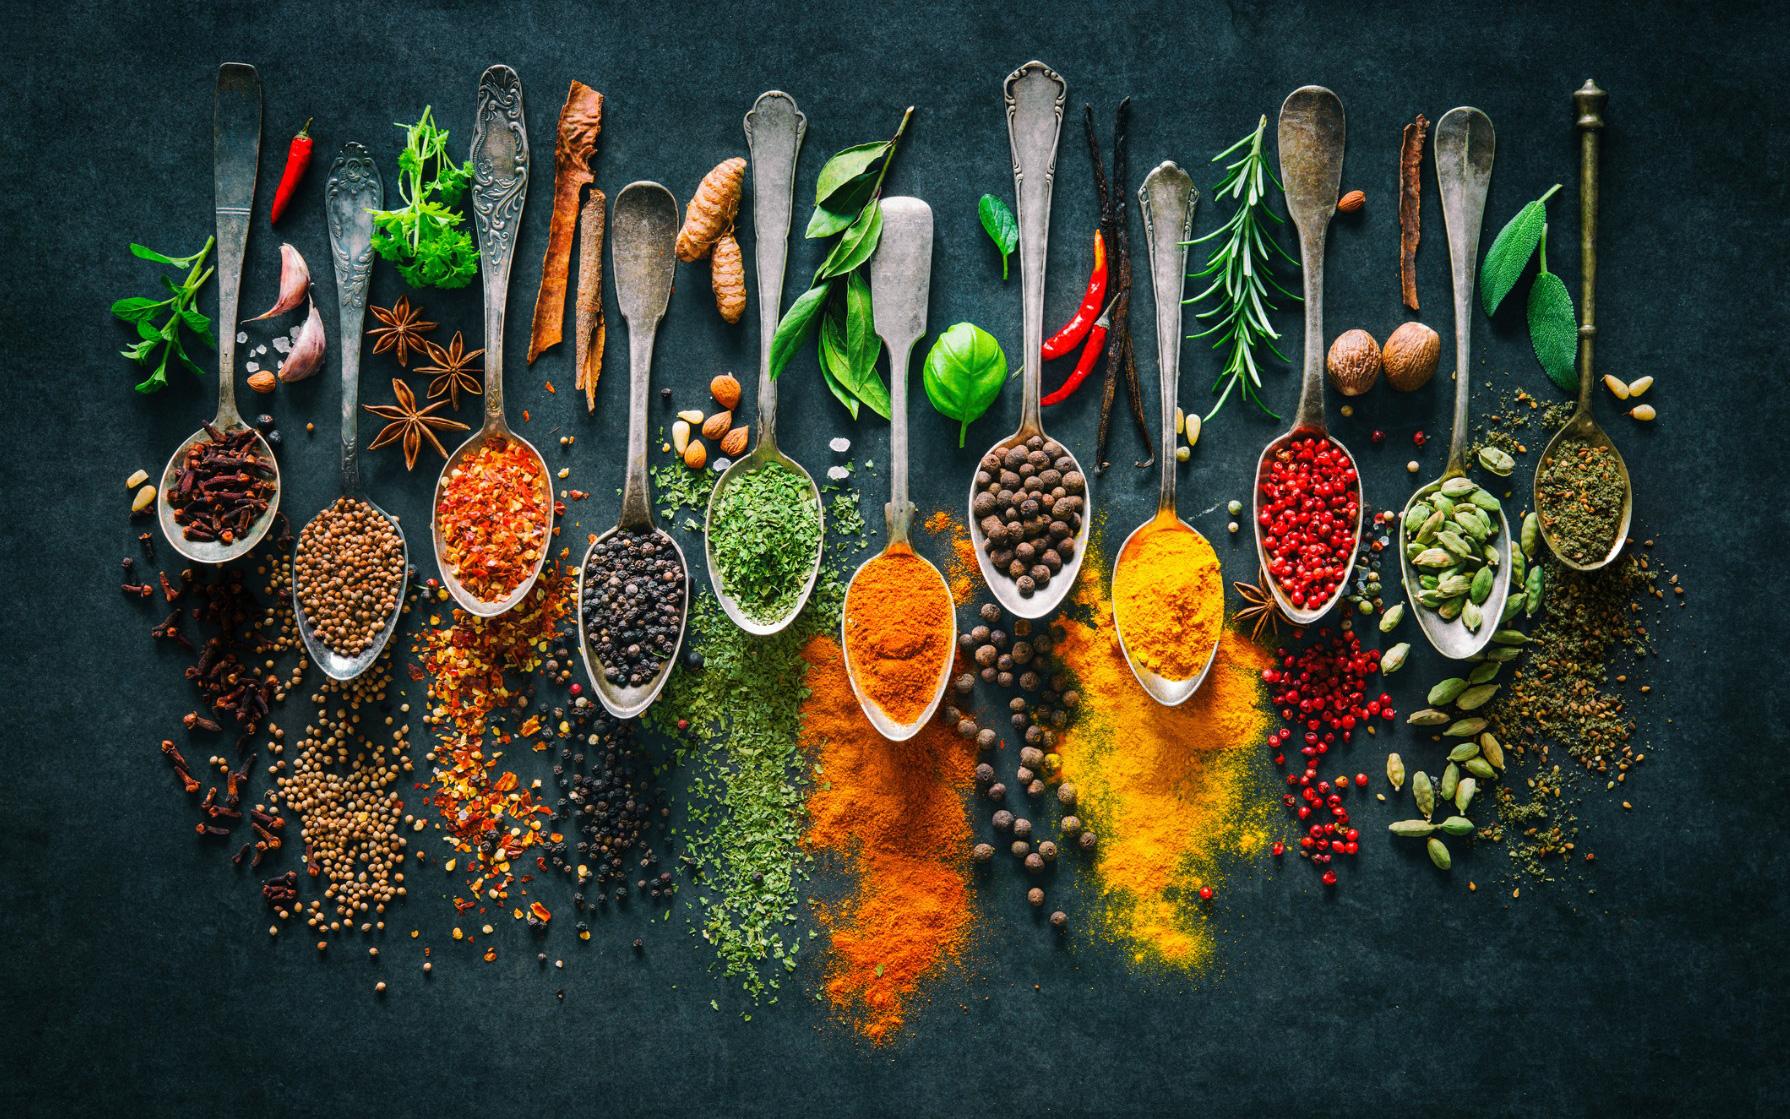 Lịch sử thế giới triệu năm thu gọn qua 5 loại thực phẩm vừa bình dân, vừa thượng đẳng